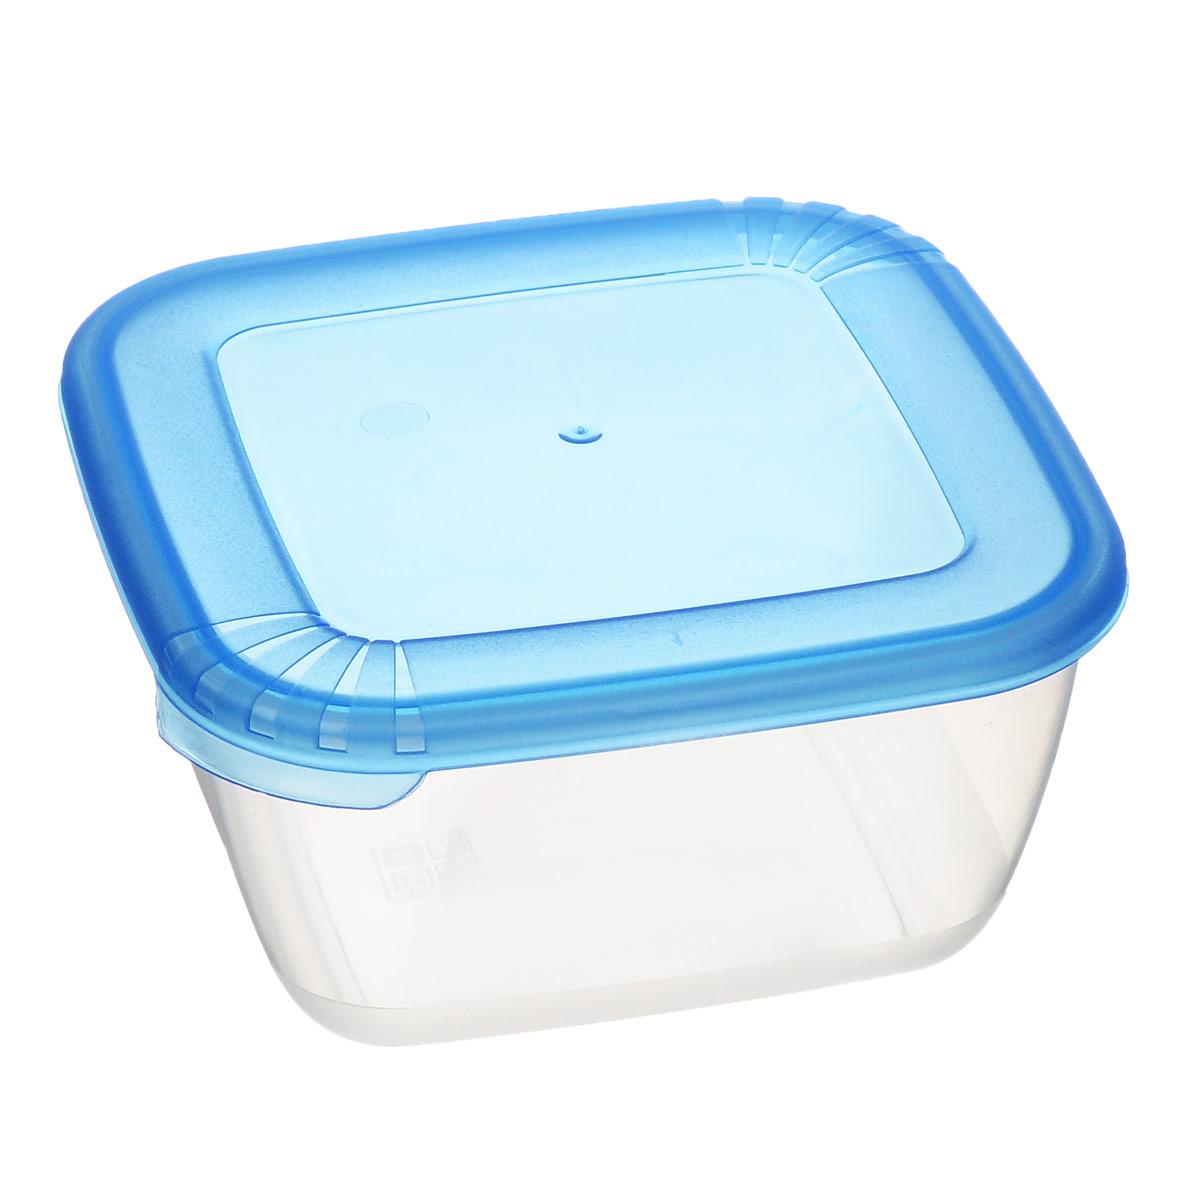 Контейнер для СВЧ Полимербыт Лайт, цвет: прозрачный, синий, 0,46 лС542 синийКвадратный контейнер для СВЧ Полимербыт Лайт изготовлен из высококачественного прочного пластика, устойчивого к высоким температурам до +120°С. Яркая цветная крышка плотно закрывается, дольше сохраняя продукты свежими и вкусными. Контейнер идеально подходит для хранения пищи, его удобно брать с собой на работу, учебу, пикник или просто использовать для хранения пищи в холодильнике. Можно использовать в микроволновой печи и для заморозки в морозильной камере при минимальной температуре -40°С. Можно мыть в посудомоечной машине.